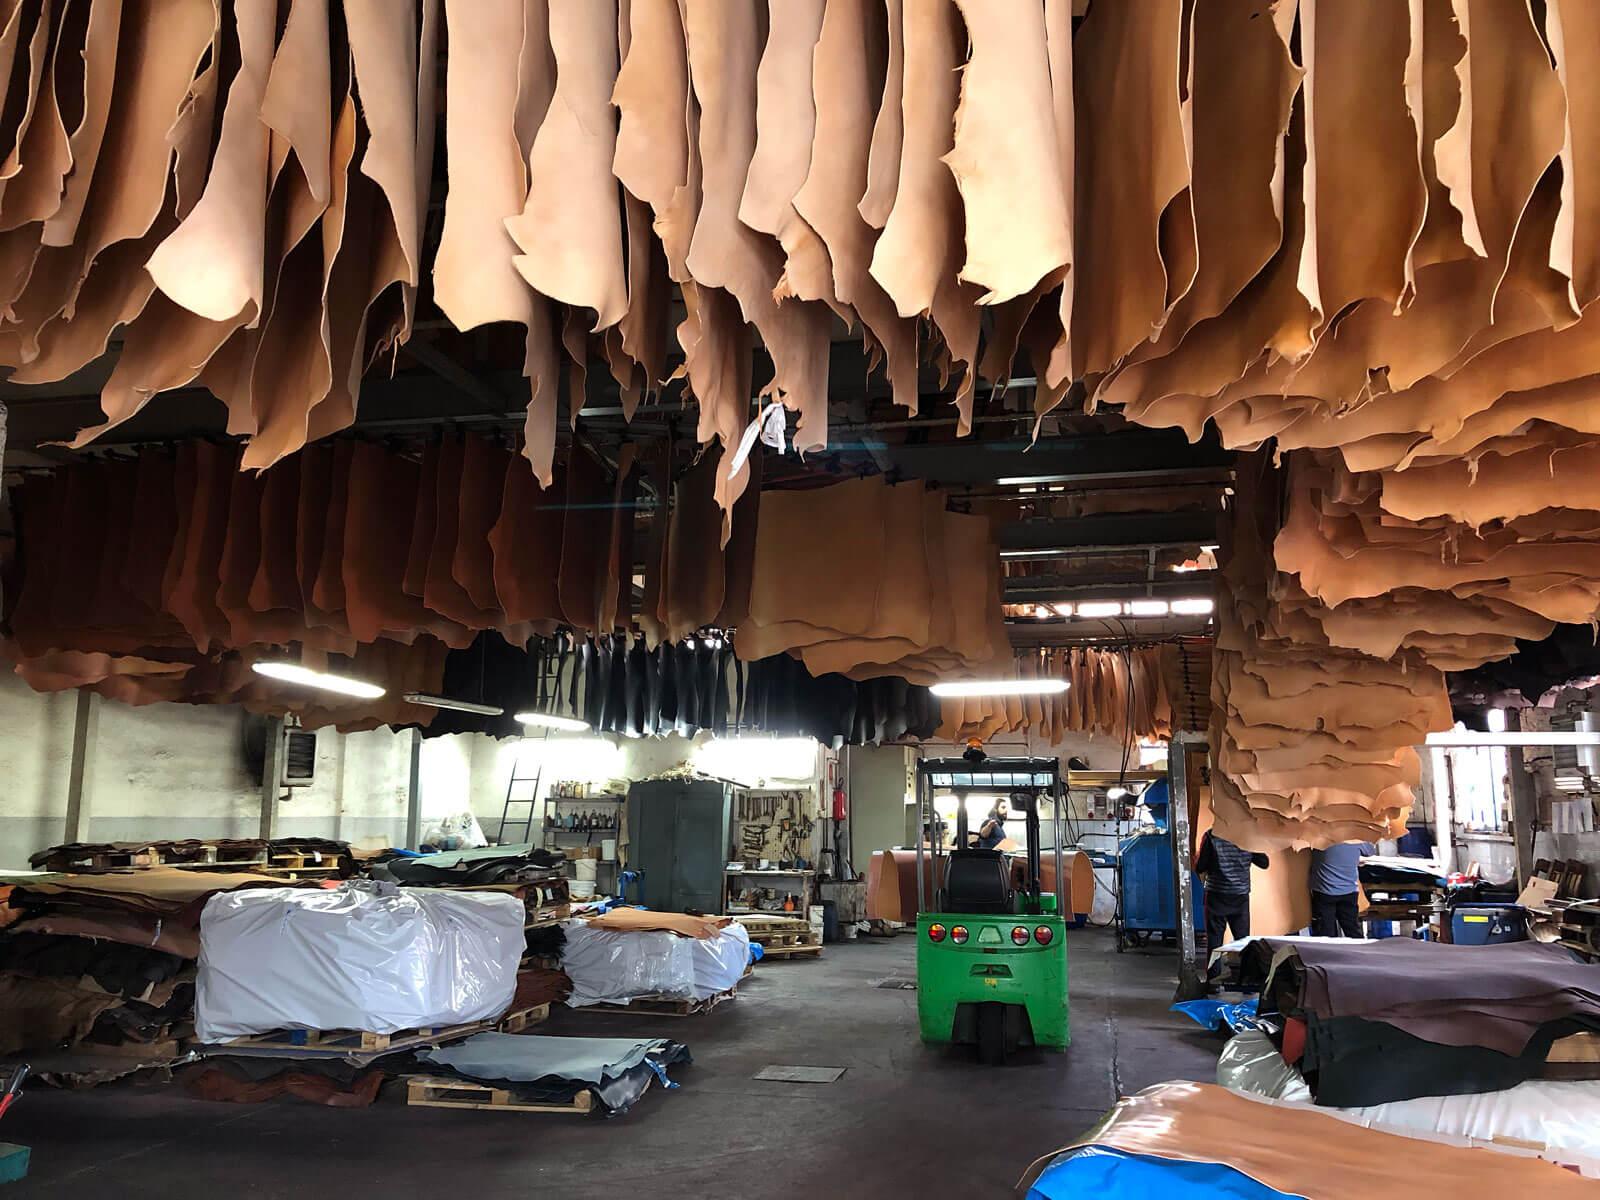 HERZオリジナルレザーの製造現場をご紹介